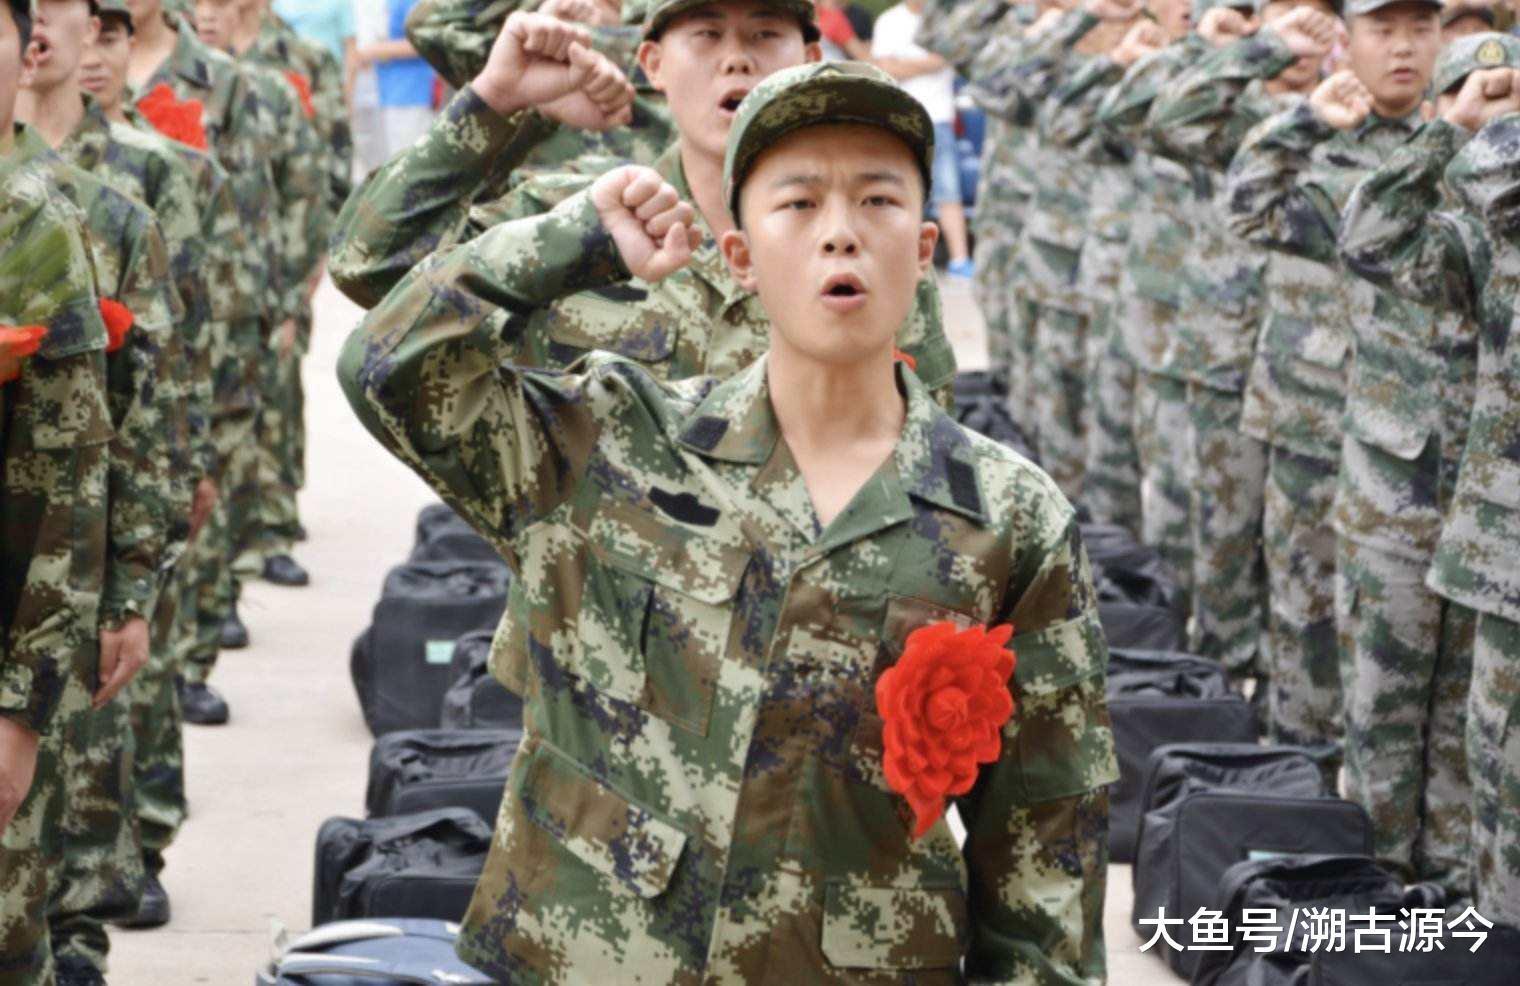 重庆12名中途拒服兵役的新兵,会有什么下场?